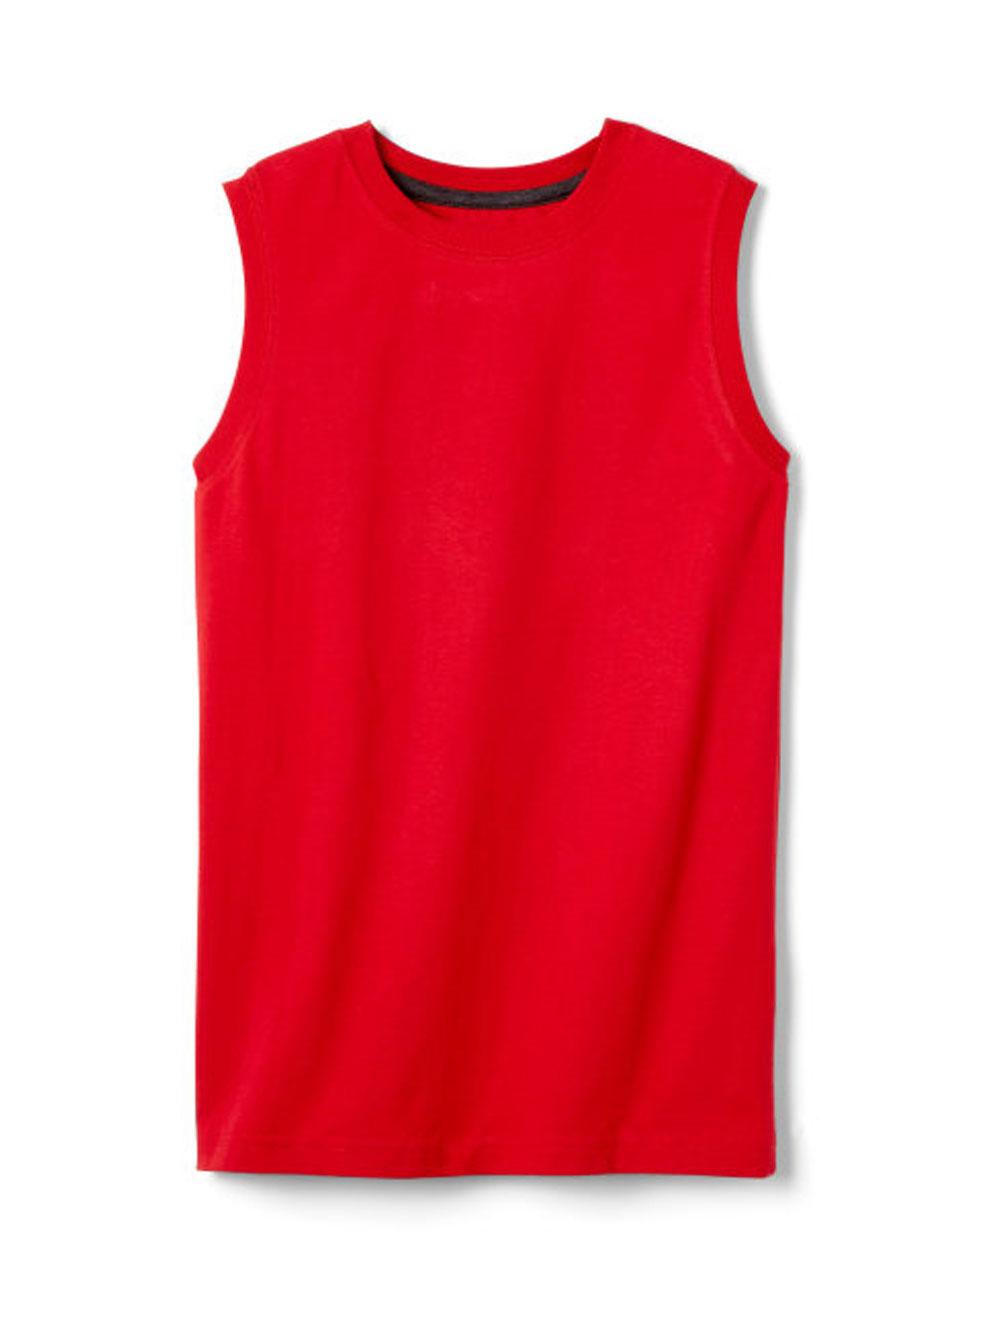 Image of French Toast Little Boys Sleeveless TShirt Sizes 4  7  red 7